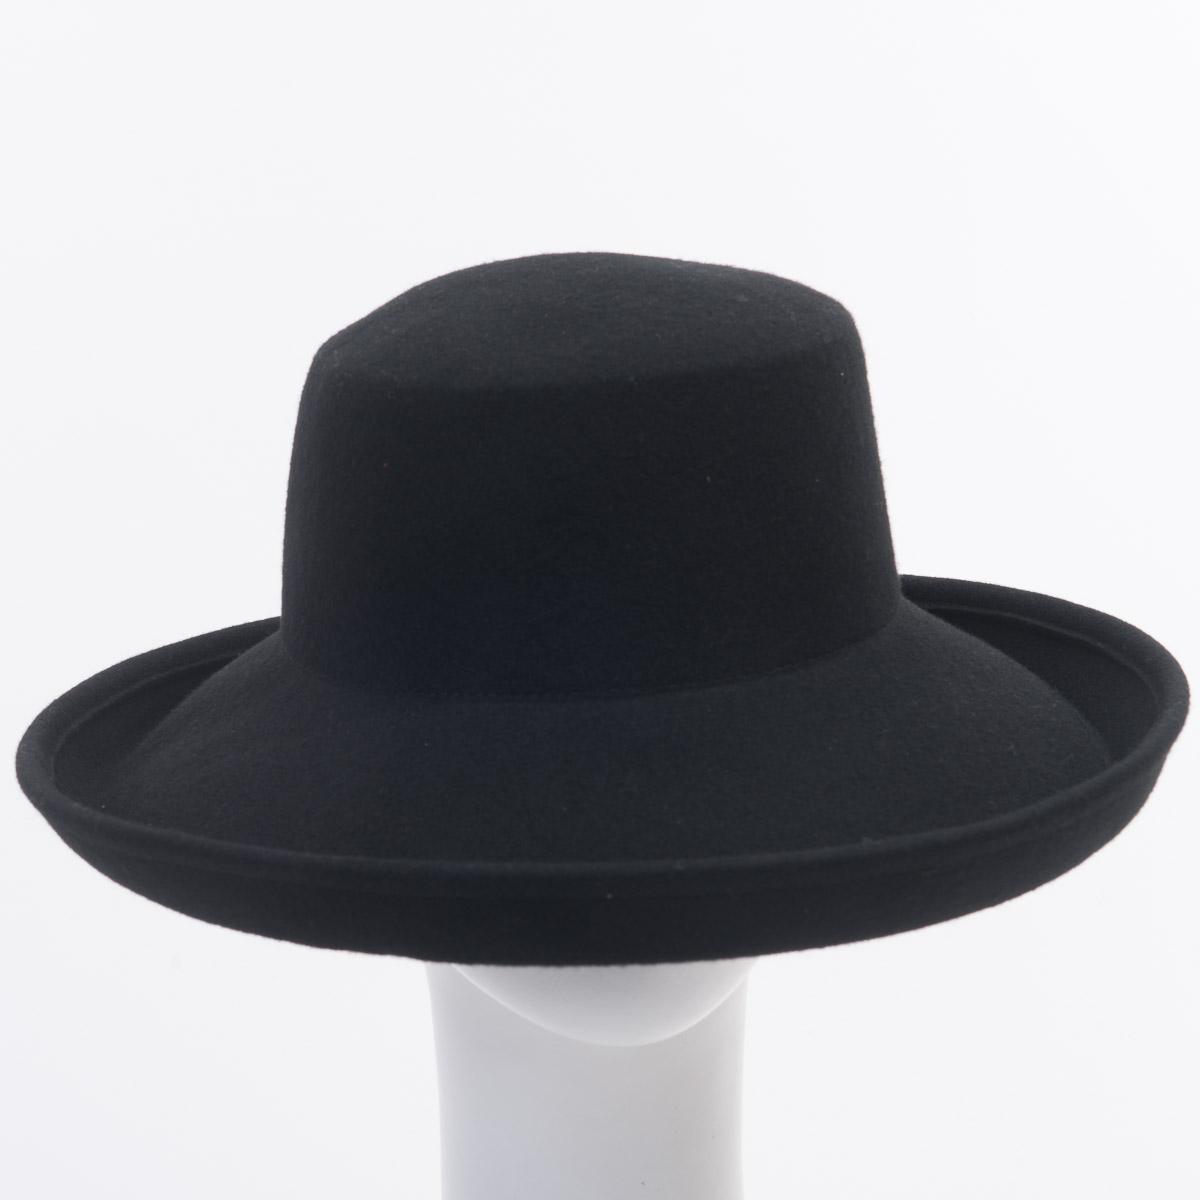 Black Kettle Brim Dome Shape Blocked Untrimmed Felt Hat Base